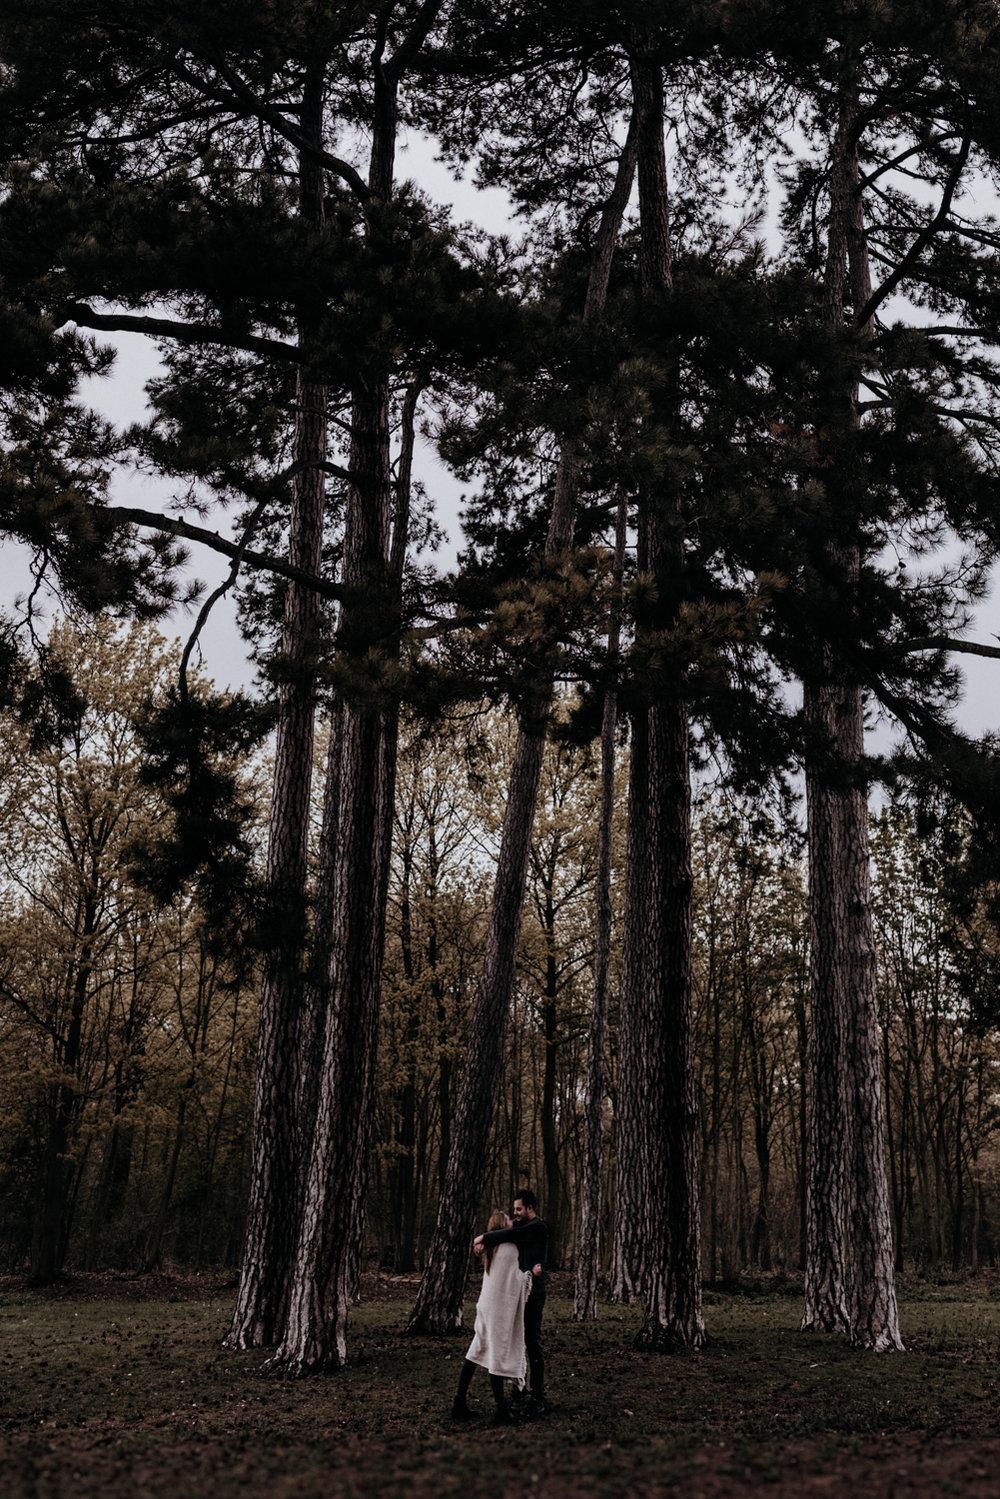 Magda + Sidonio session couple  | FREYIA photography | photographe famille | nouveau-né bébé maternité grossesse lifestyle reportage du quotidien naissance allaitement | PARIS Ile de France 75 92 | freyia freia freya freja anna wator.jpg